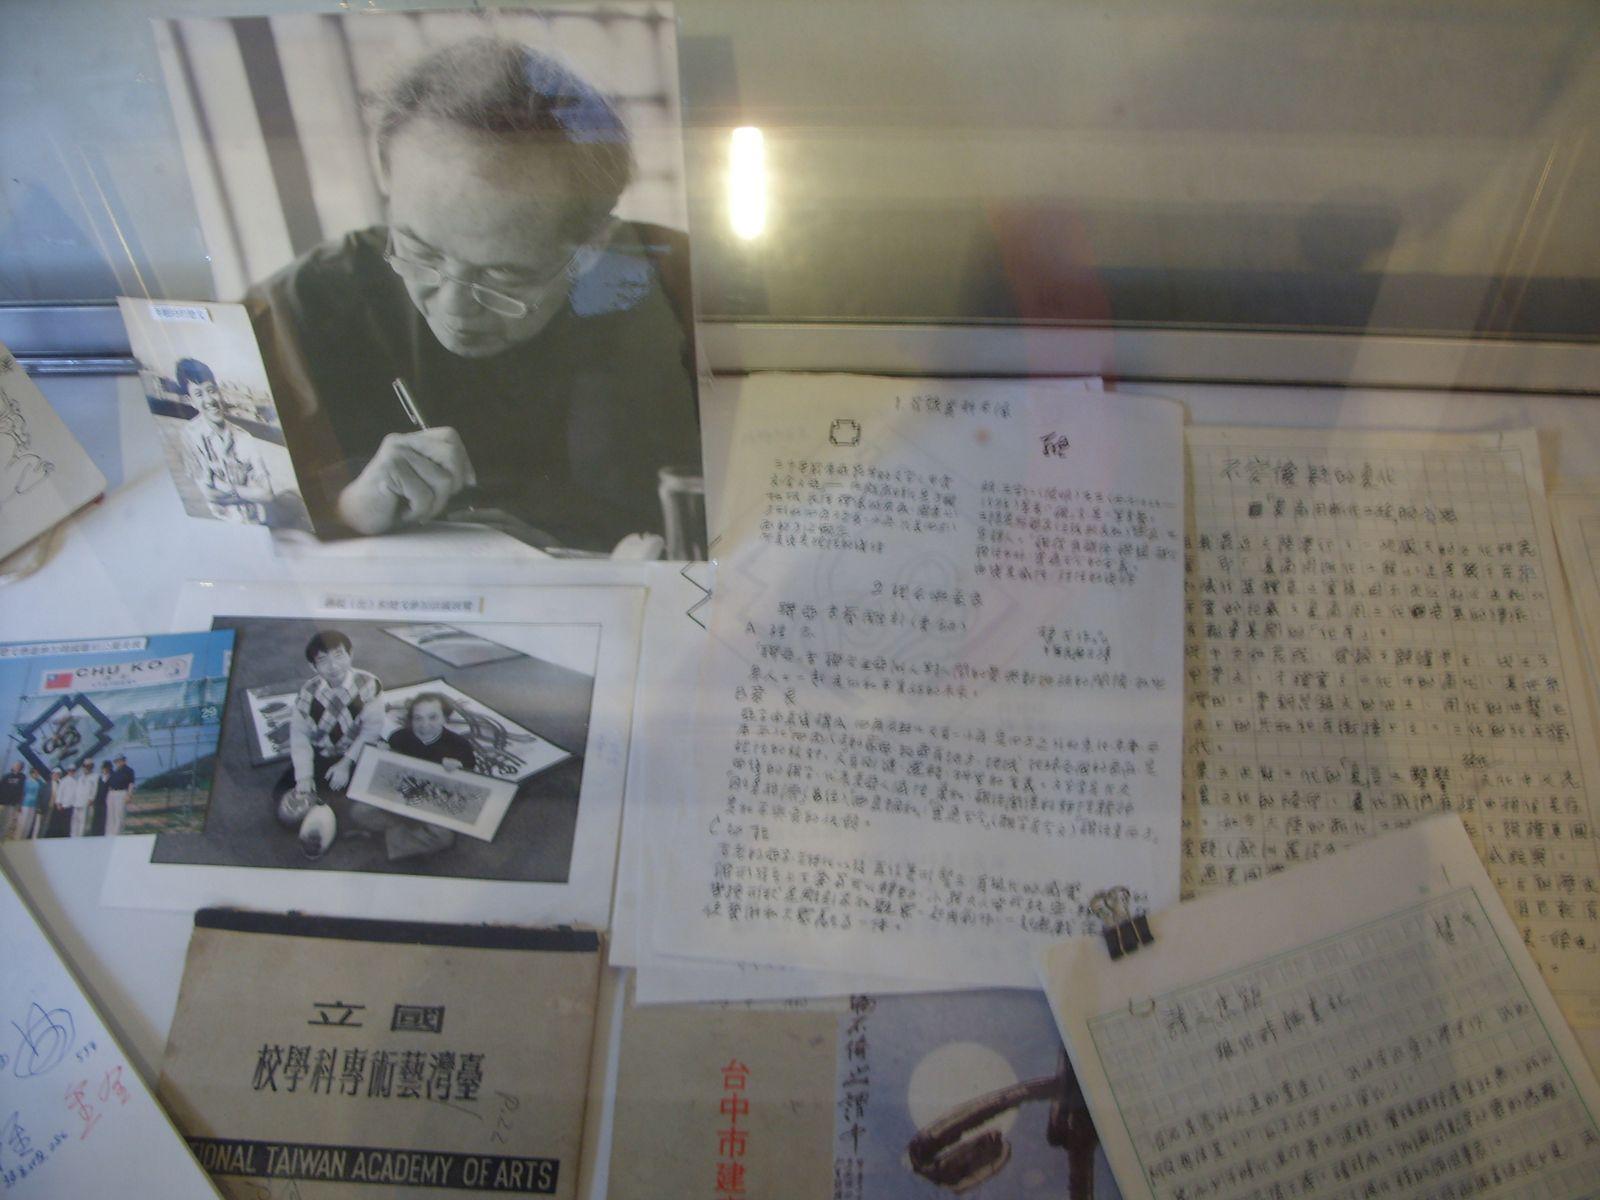 楚戈 相片與手稿